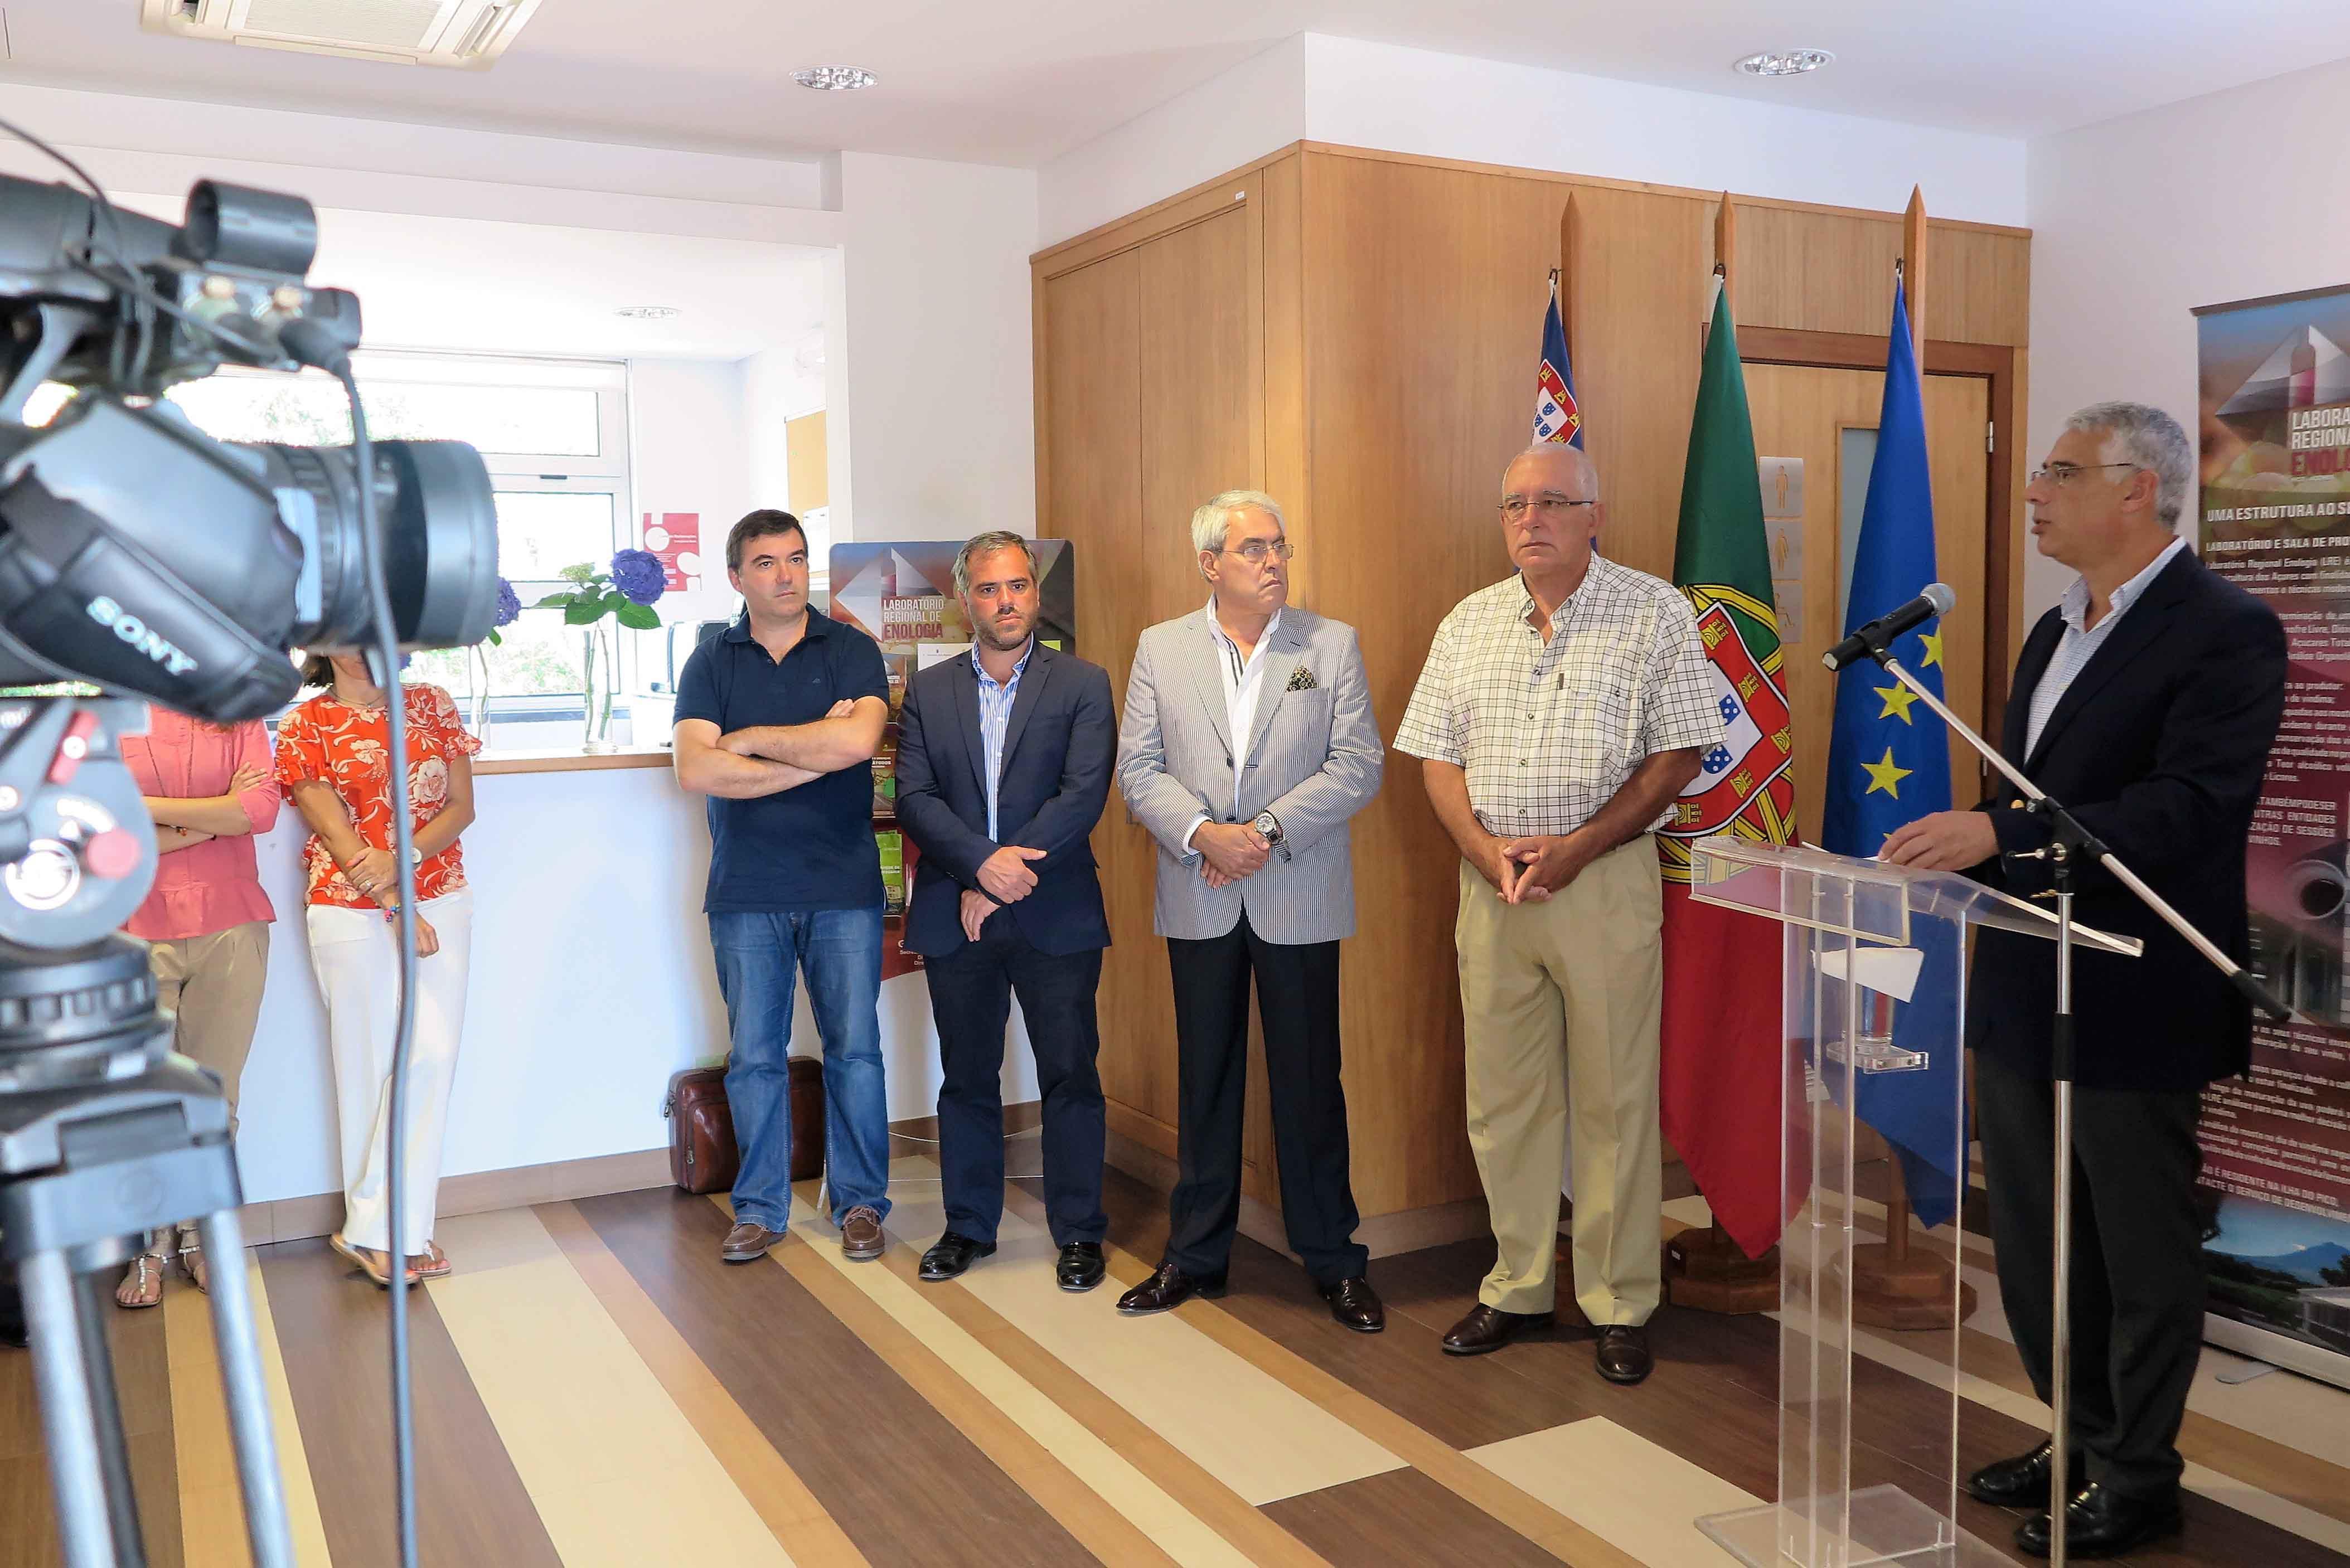 Amostras recebidas no Laboratório Regional de Enologia dos Açores aumentam cerca de 250%